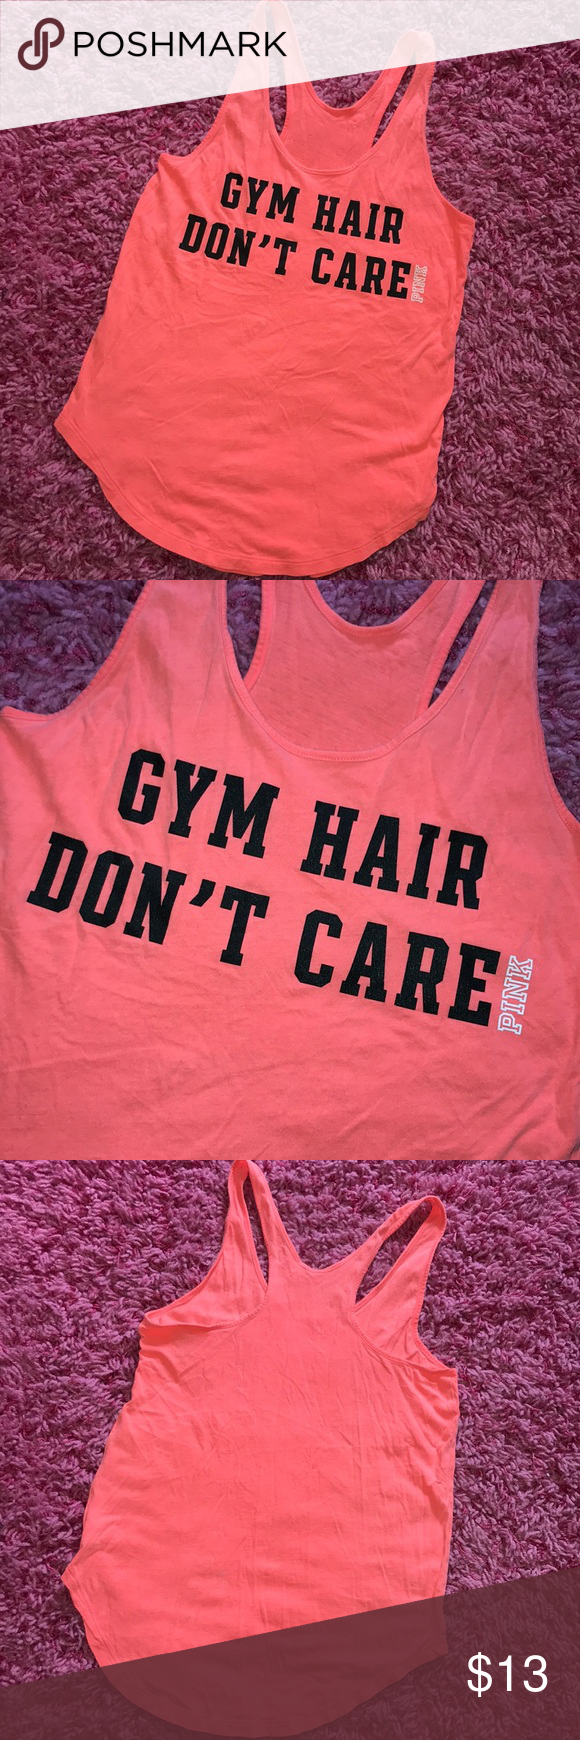 6cc06ec566ca38 Victoria s Secret PINK Gym Hair Don t Care Tank🧡 Victoria s Secret PINK  Bright Coral